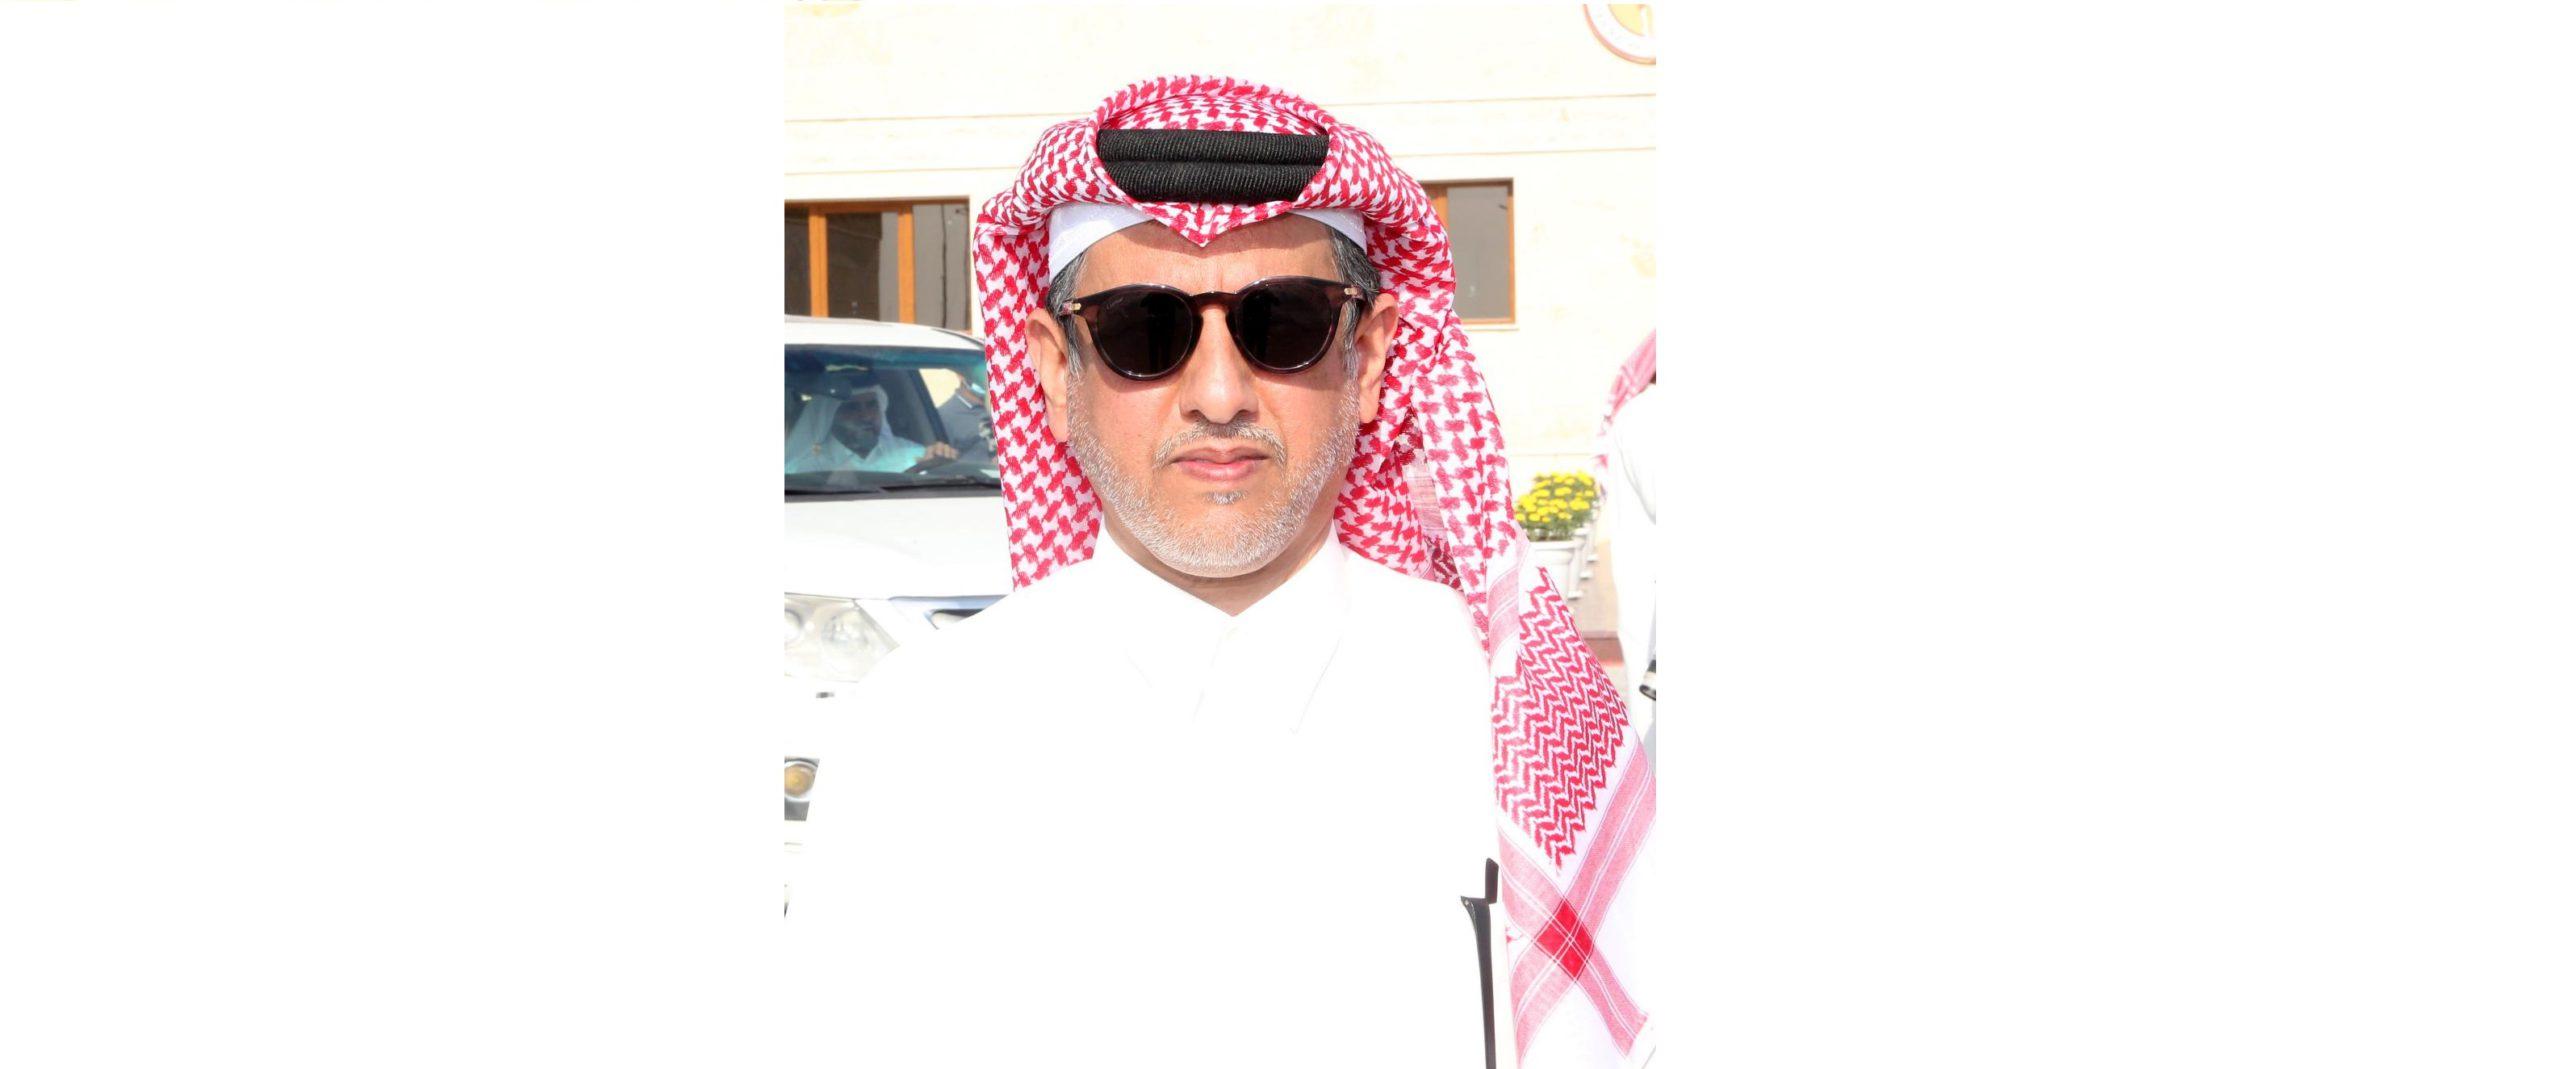 مبارك بن بادي النعيمي: المهرجان شهد نقلة نوعية كبيرة على مستوى المنافسات